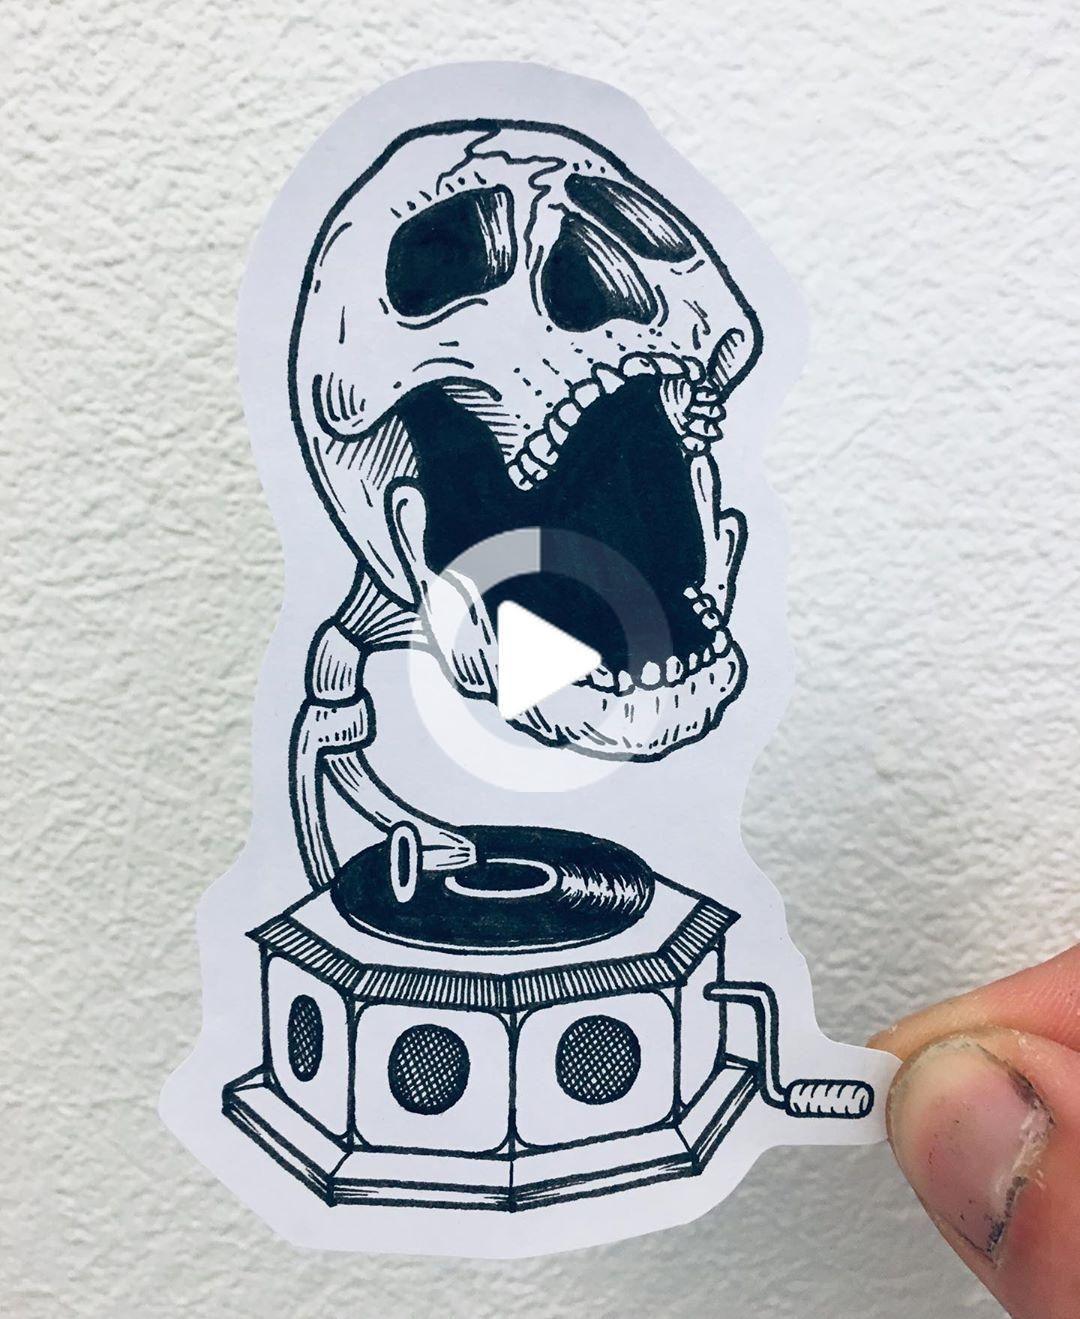 """VERDI on Instagram: """"#skull #skulltattoo #gramophone #gramophonetattoo #music #musictattoo #flash #flashtattoo #sketch #sketchtattoo #darkwork #darktattoo…"""" #rosetattoos"""